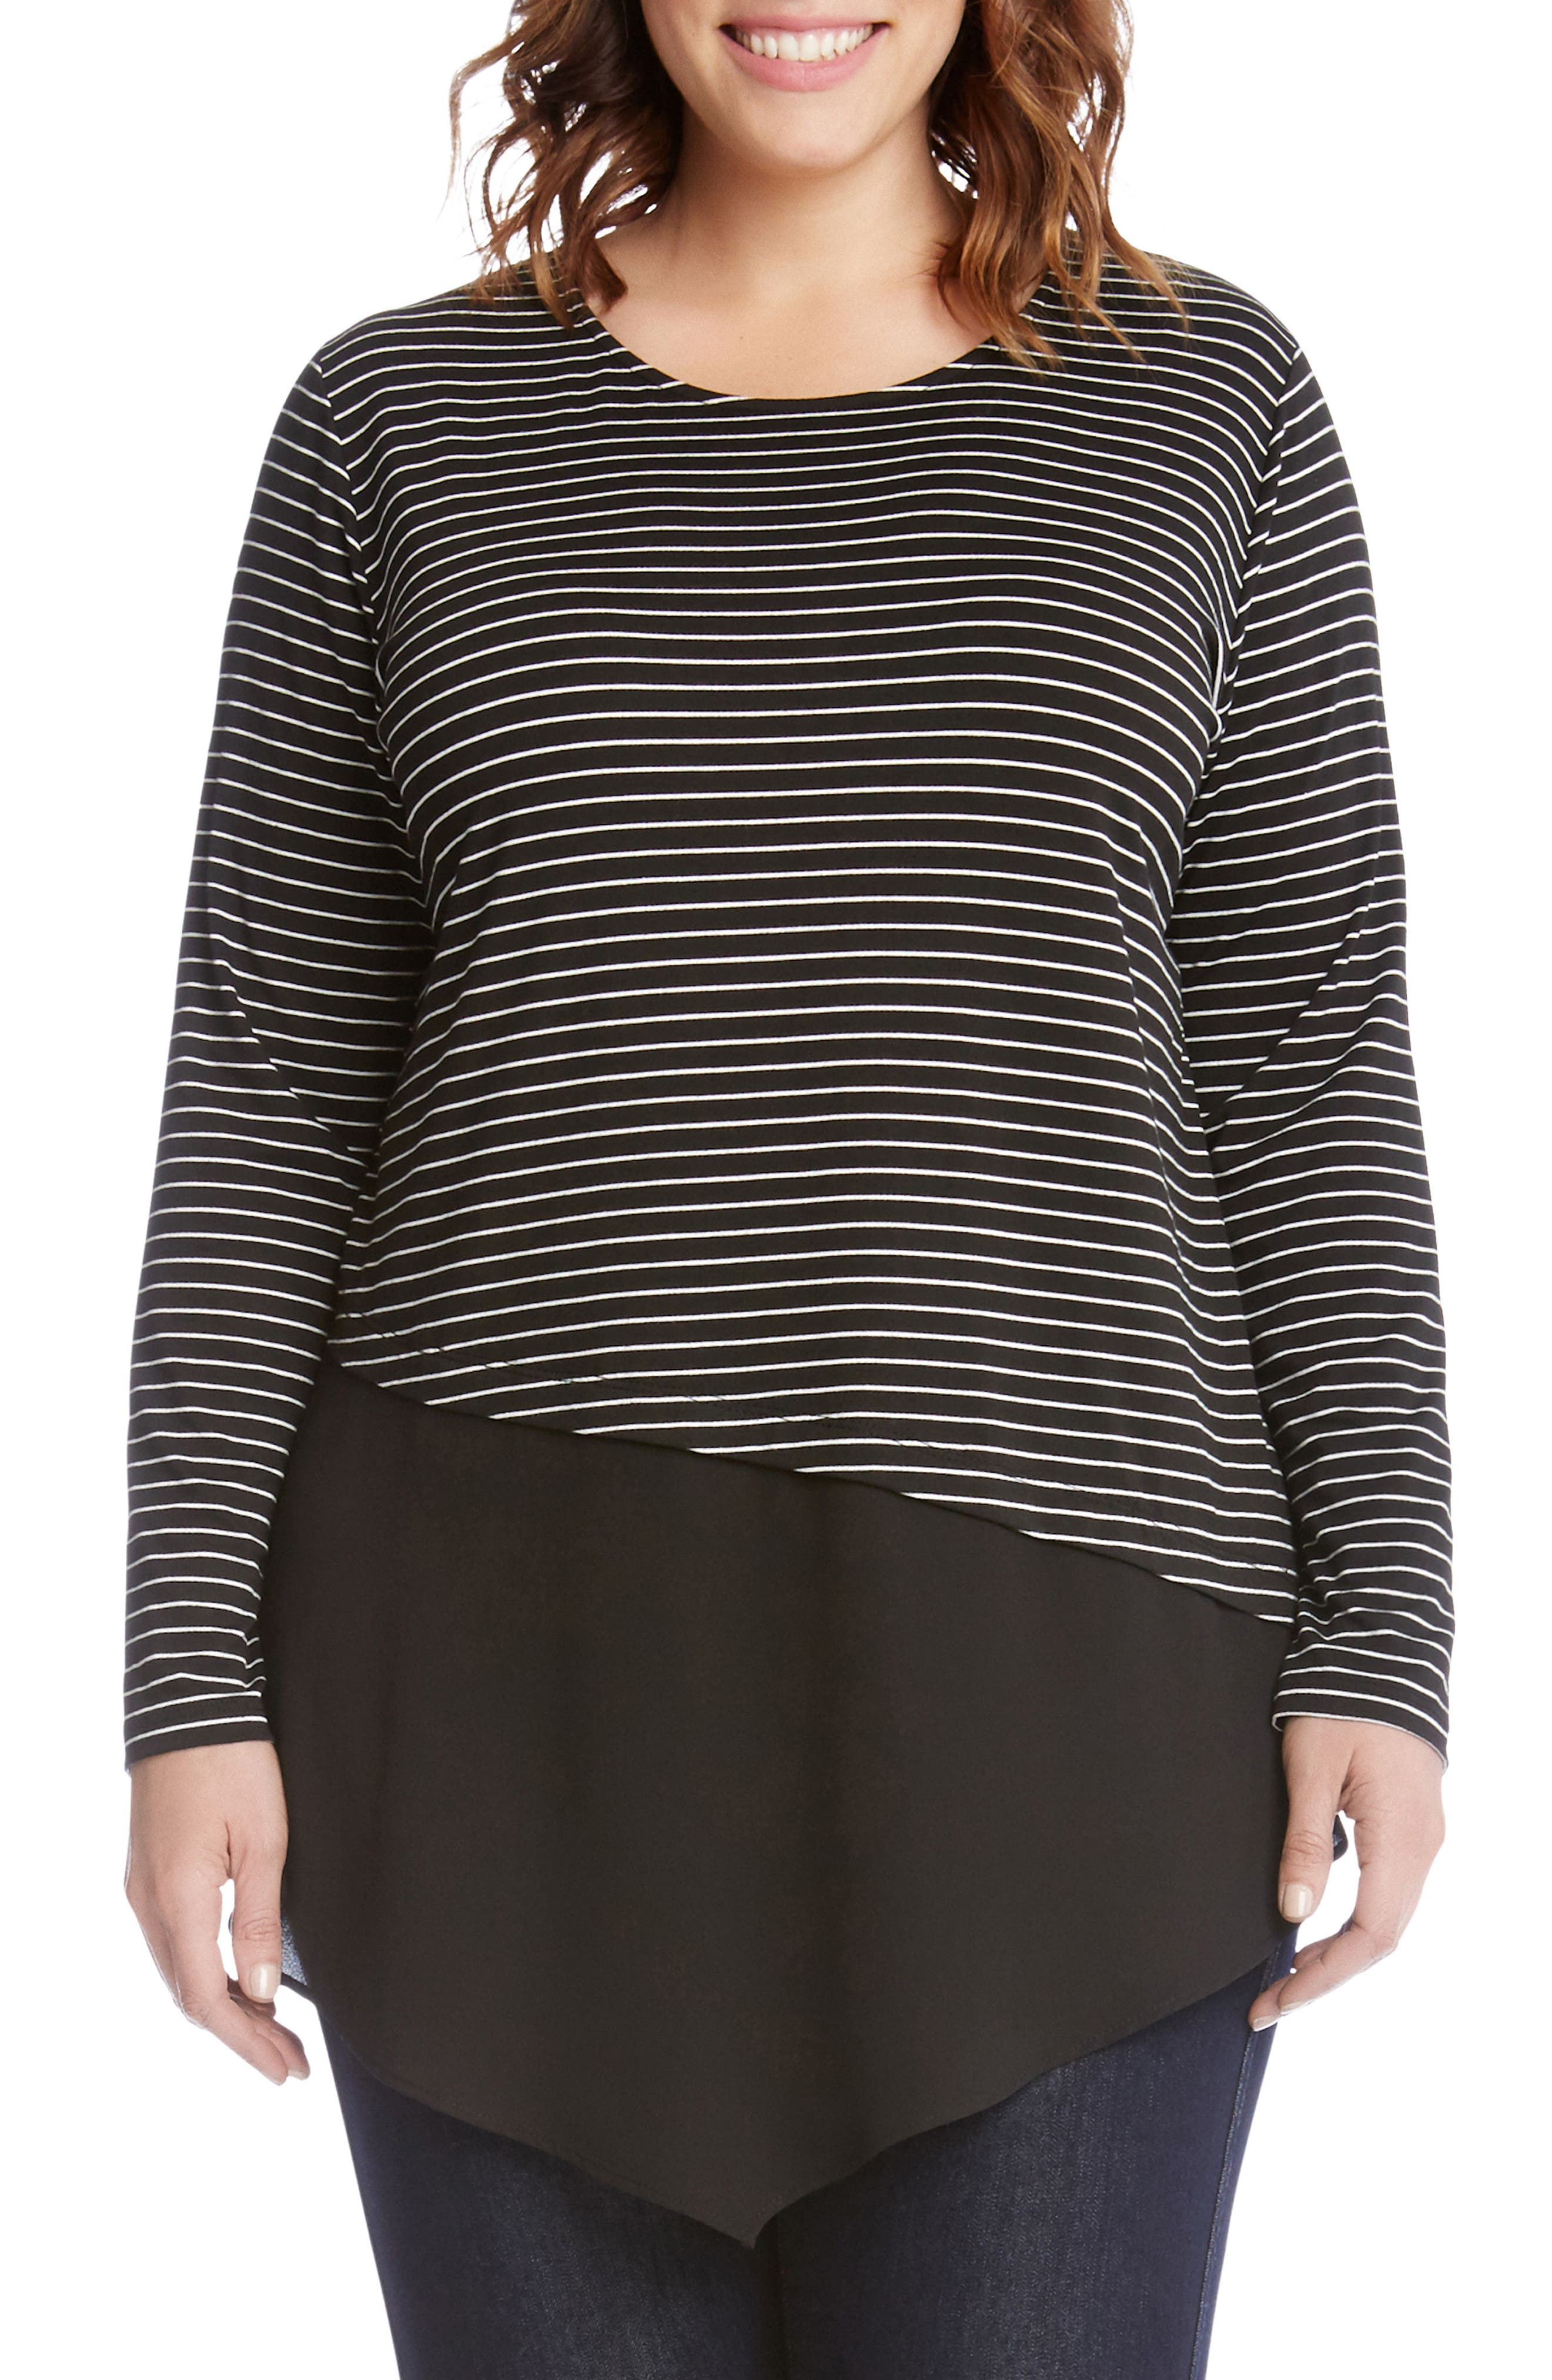 Karen Kane Asymmetrical Stripe Mixed Media Top (Plus Size)